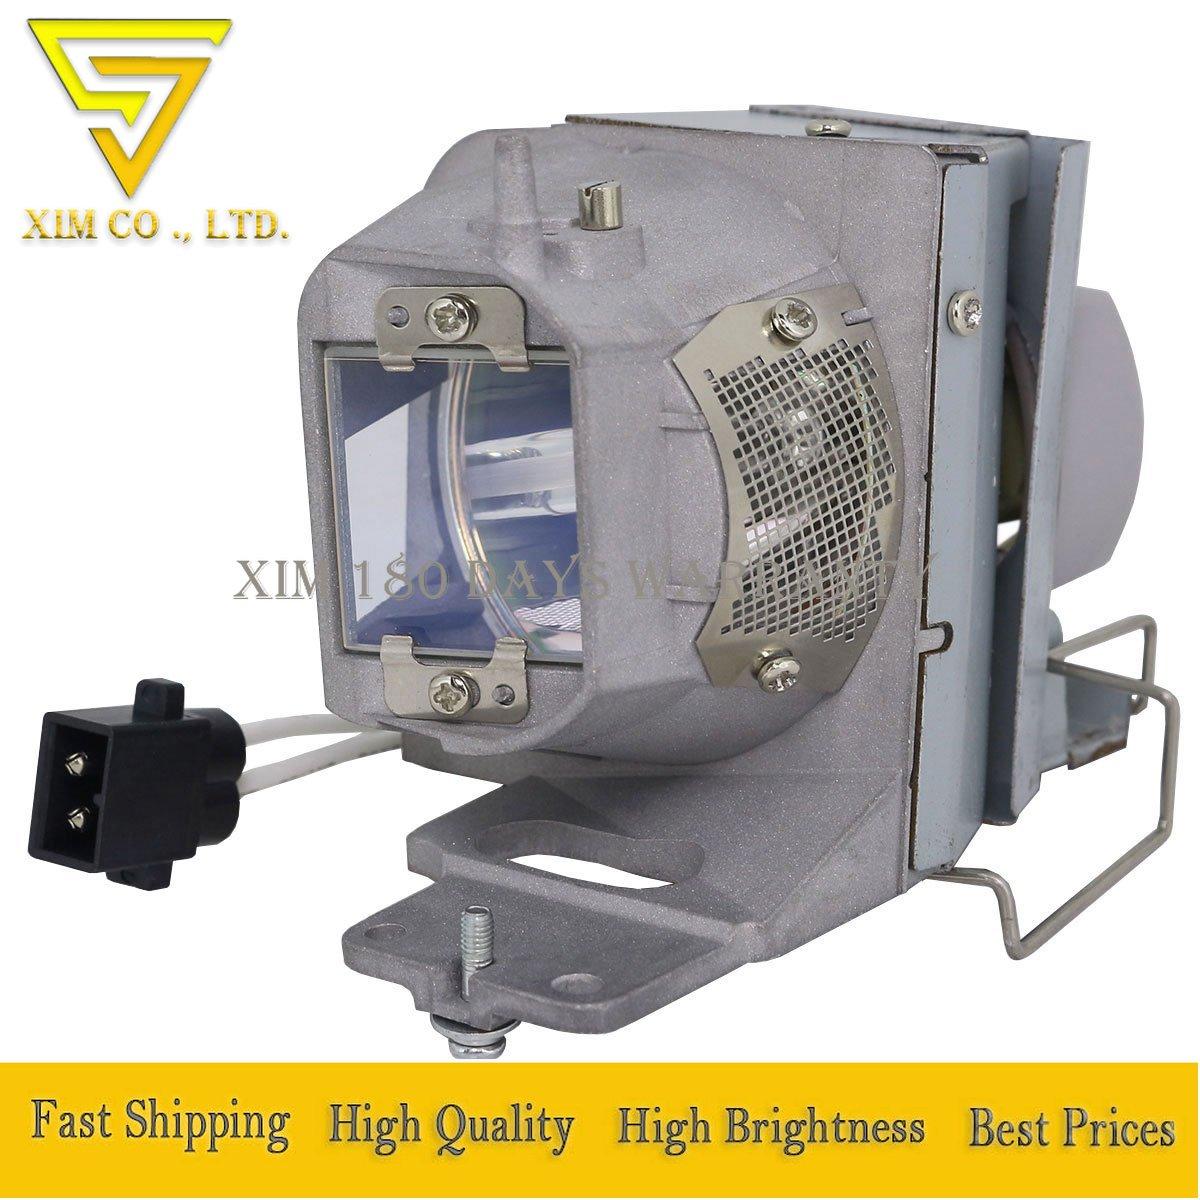 Alta qualidade P-VIP 240/0. 8 E20.9N Lâmpada Do Projetor MC. JJT11.001 Para Acer S1283E S1283HNE S1383WHNE H6520BD P1510 P1515 Projetores